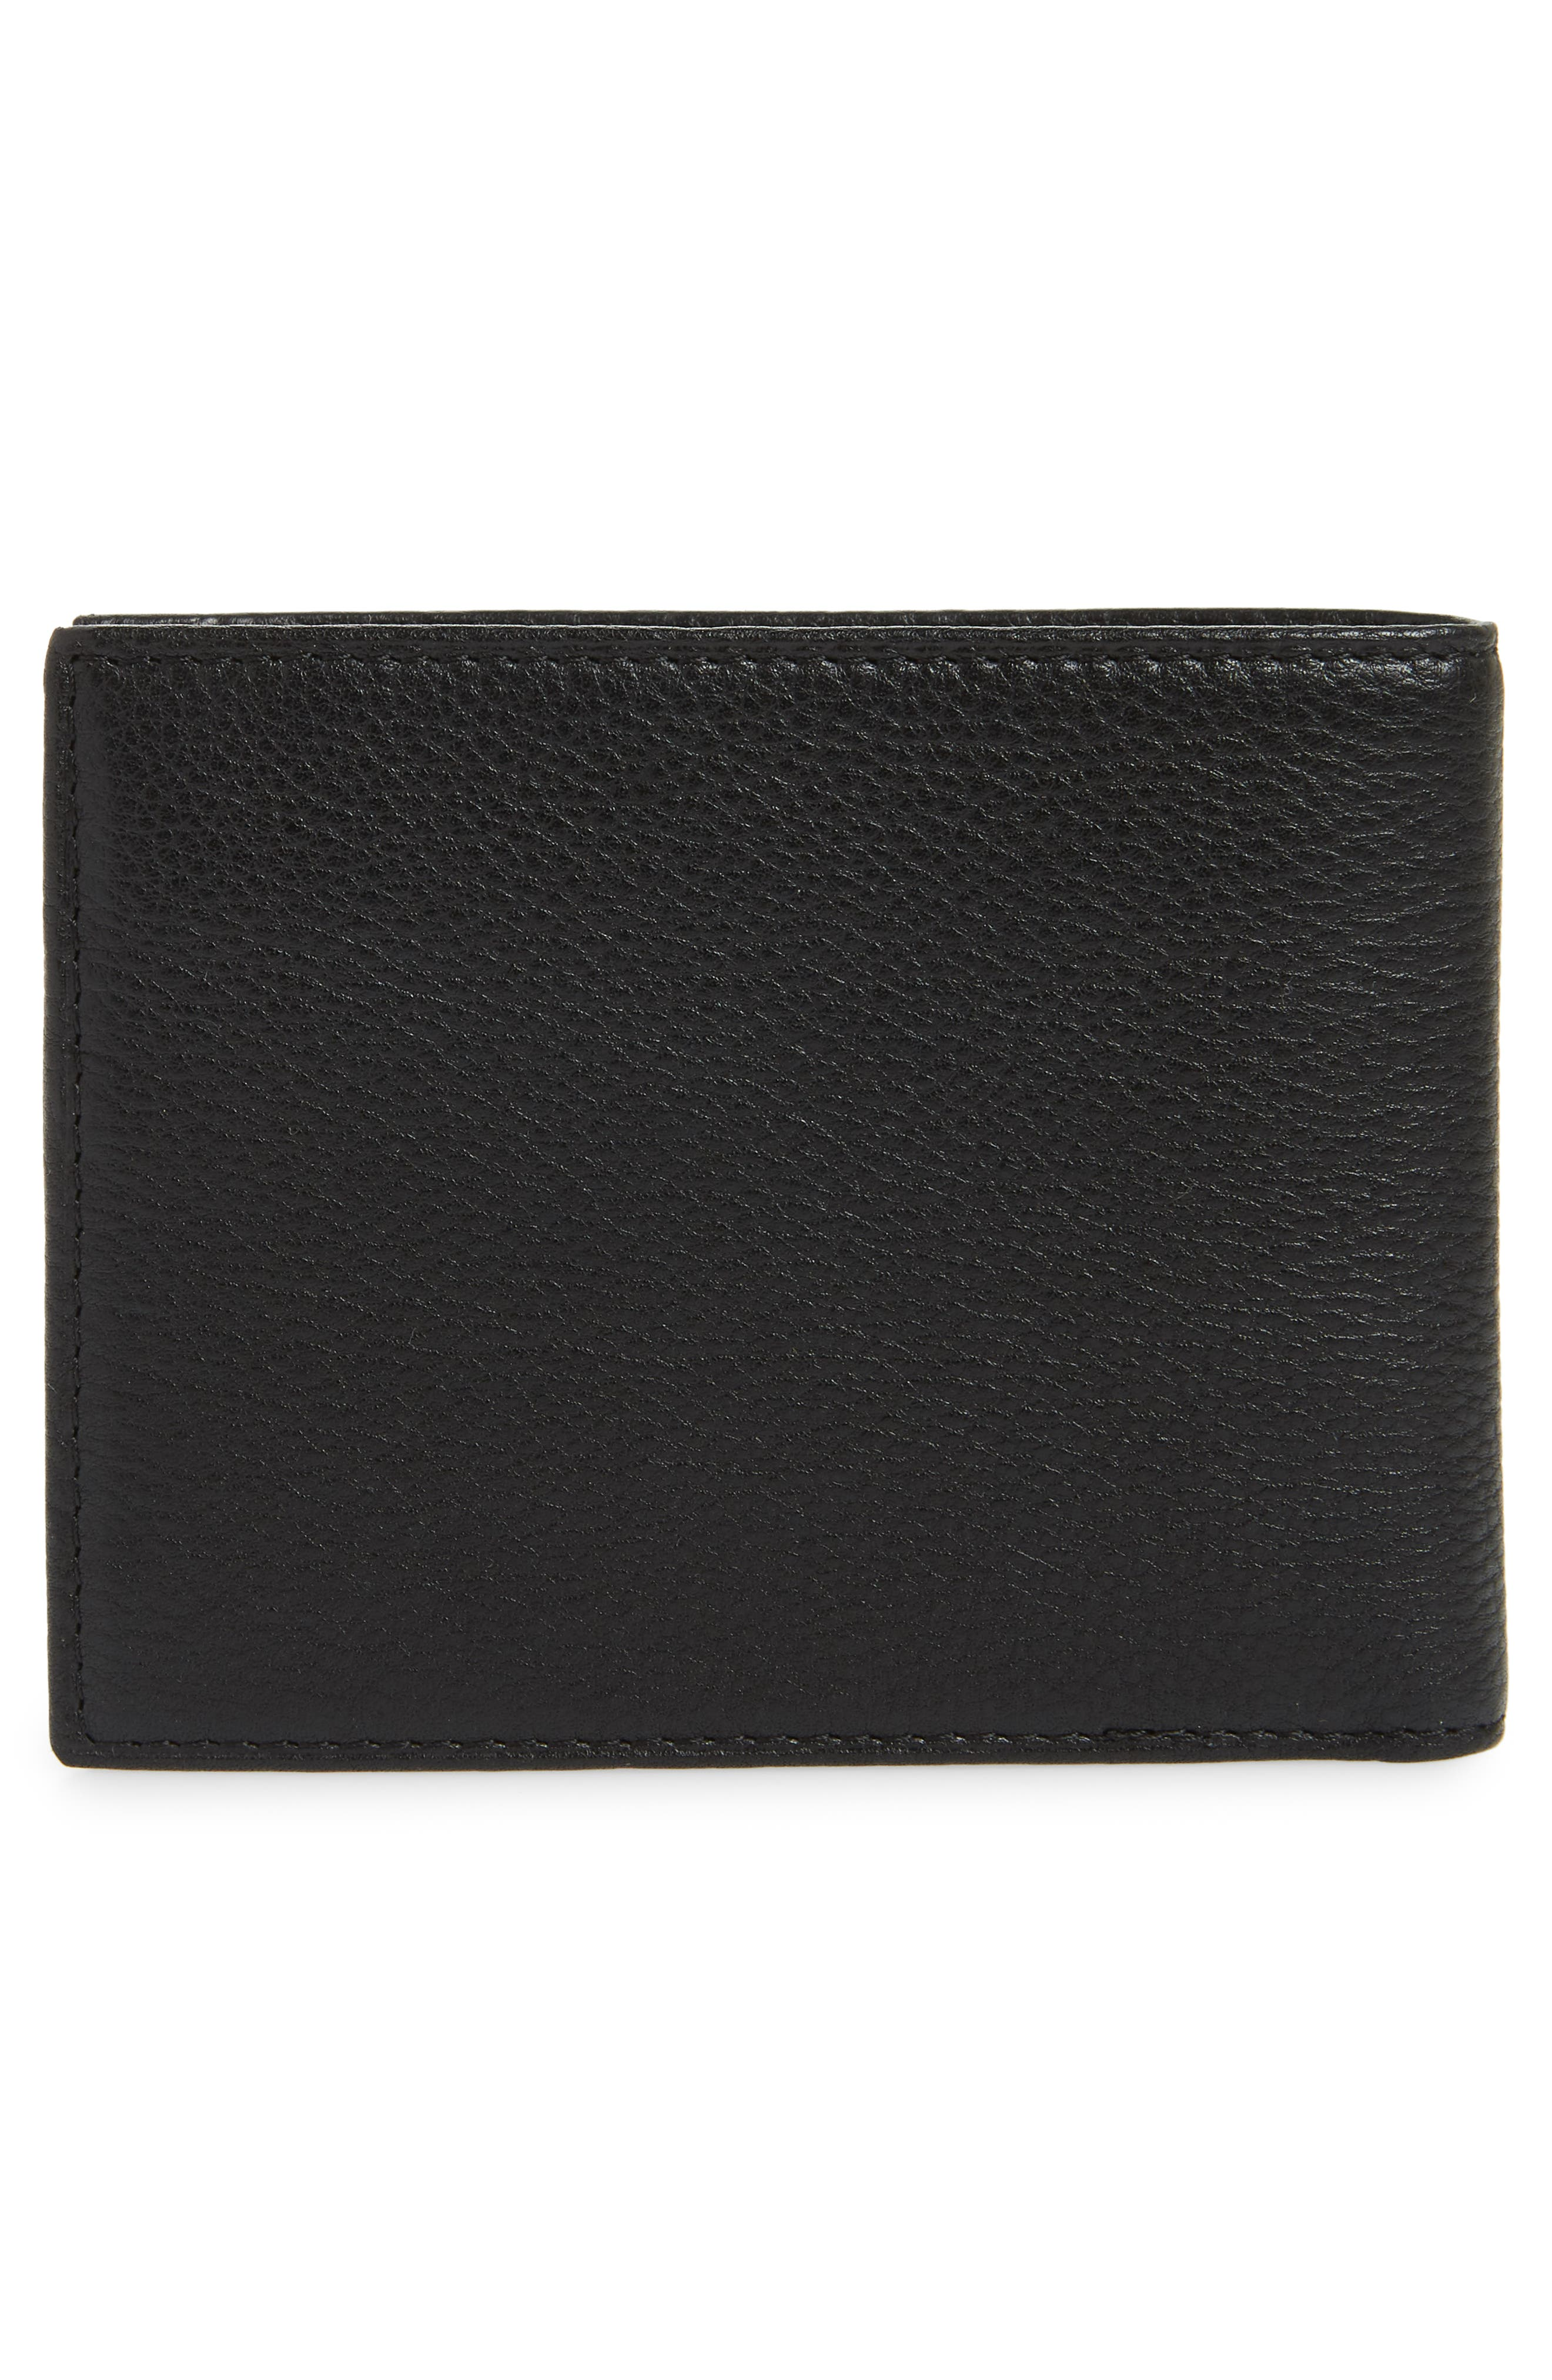 POLO RALPH LAUREN, Leather Passcase Wallet, Alternate thumbnail 3, color, BLACK